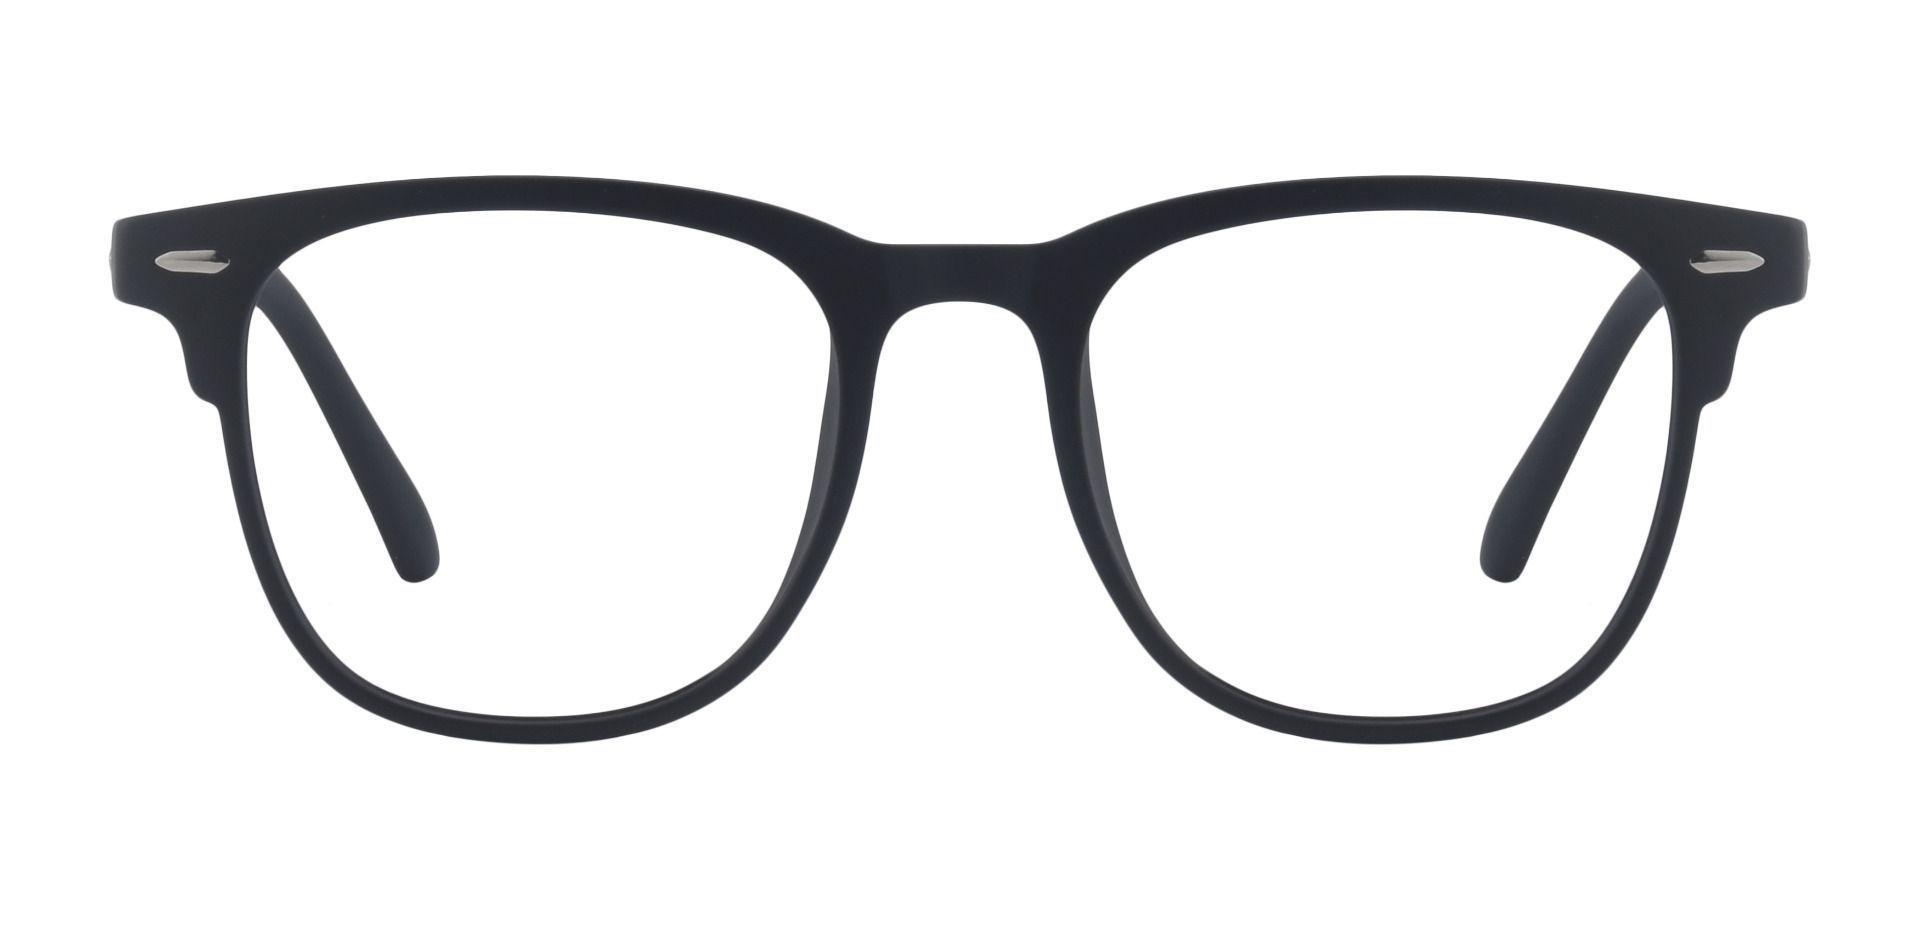 Bento Square Prescription Glasses - Matte Black